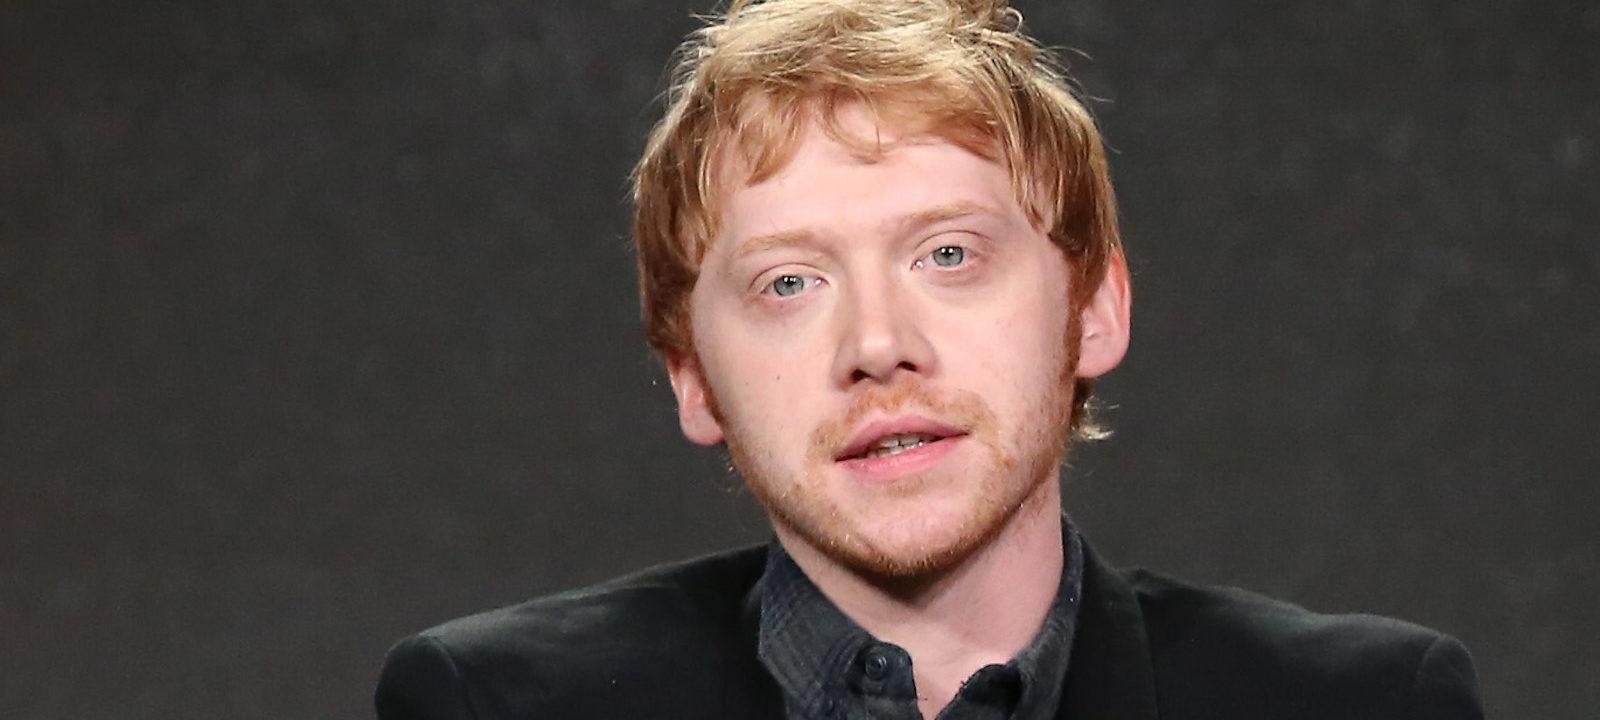 Heteroseksüel Harry Potter Yıldızı, RuPaul's Drag Race'e Bayıldığını Söyledi!